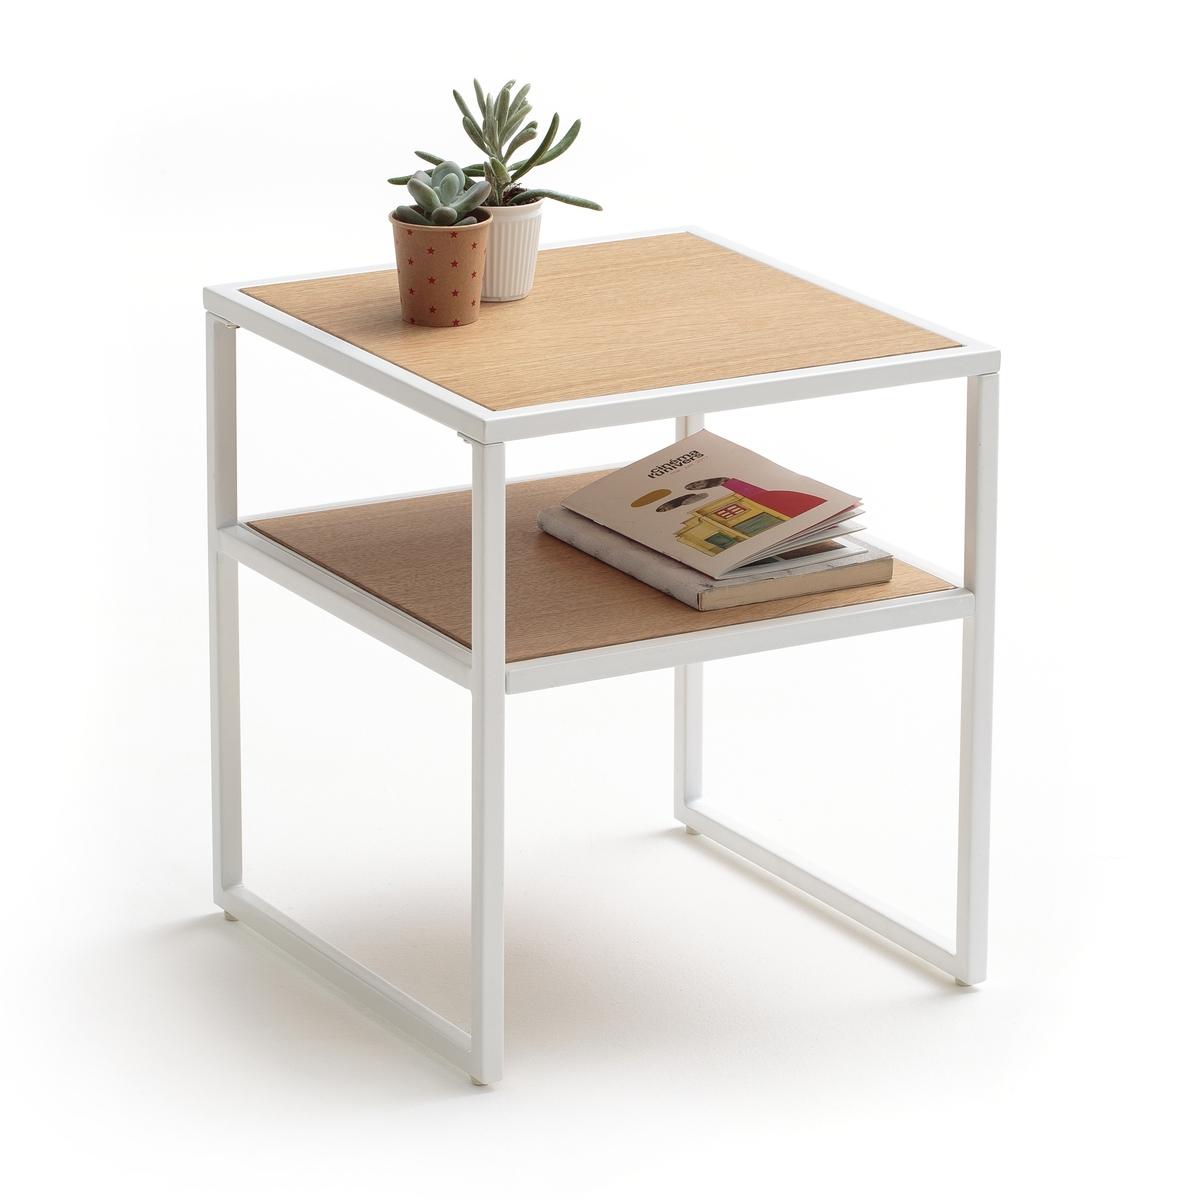 Столик прикроватный с двойной столешницей  ELYO прикроватный столик цилиндрической формы newark